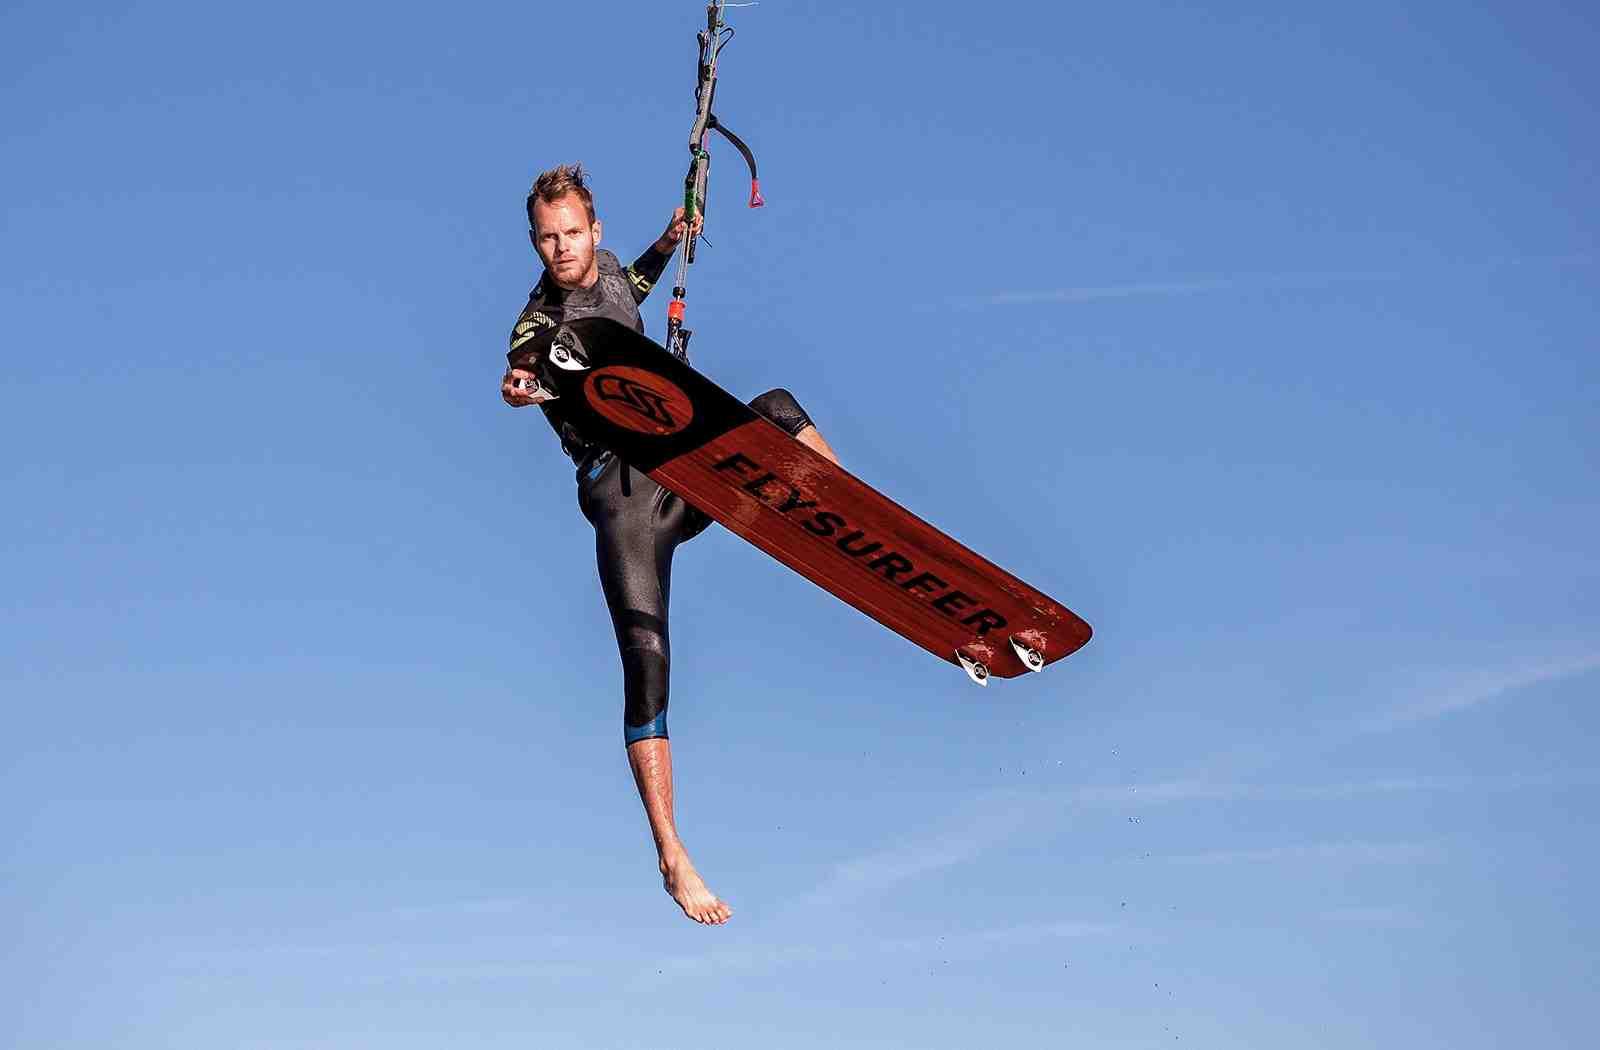 flysurfer-kiteboard-flydoor